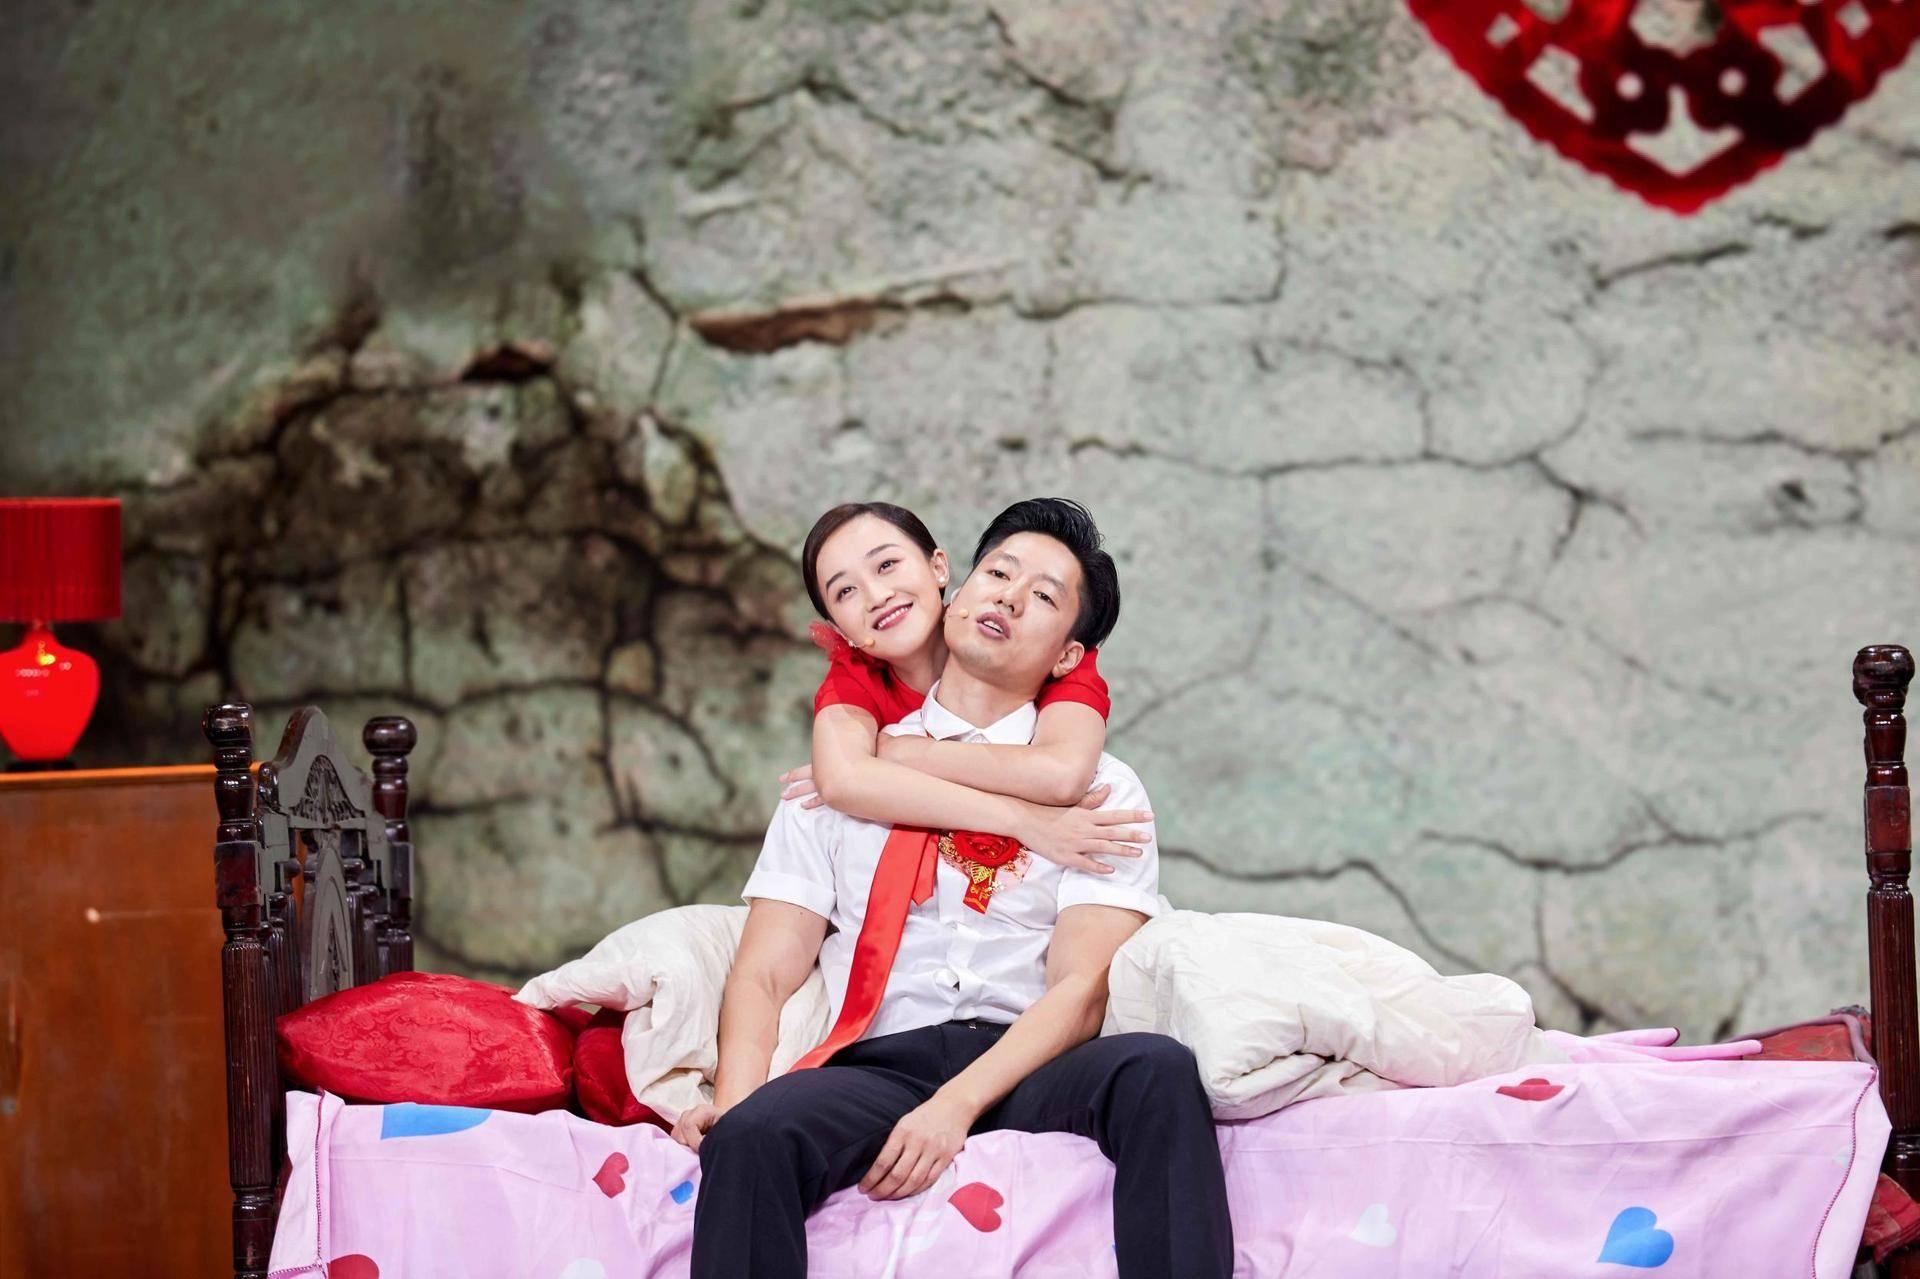 凭《甄嬛传》走红,合作唐嫣却反响平平,新剧搭档靳东能否逆袭?